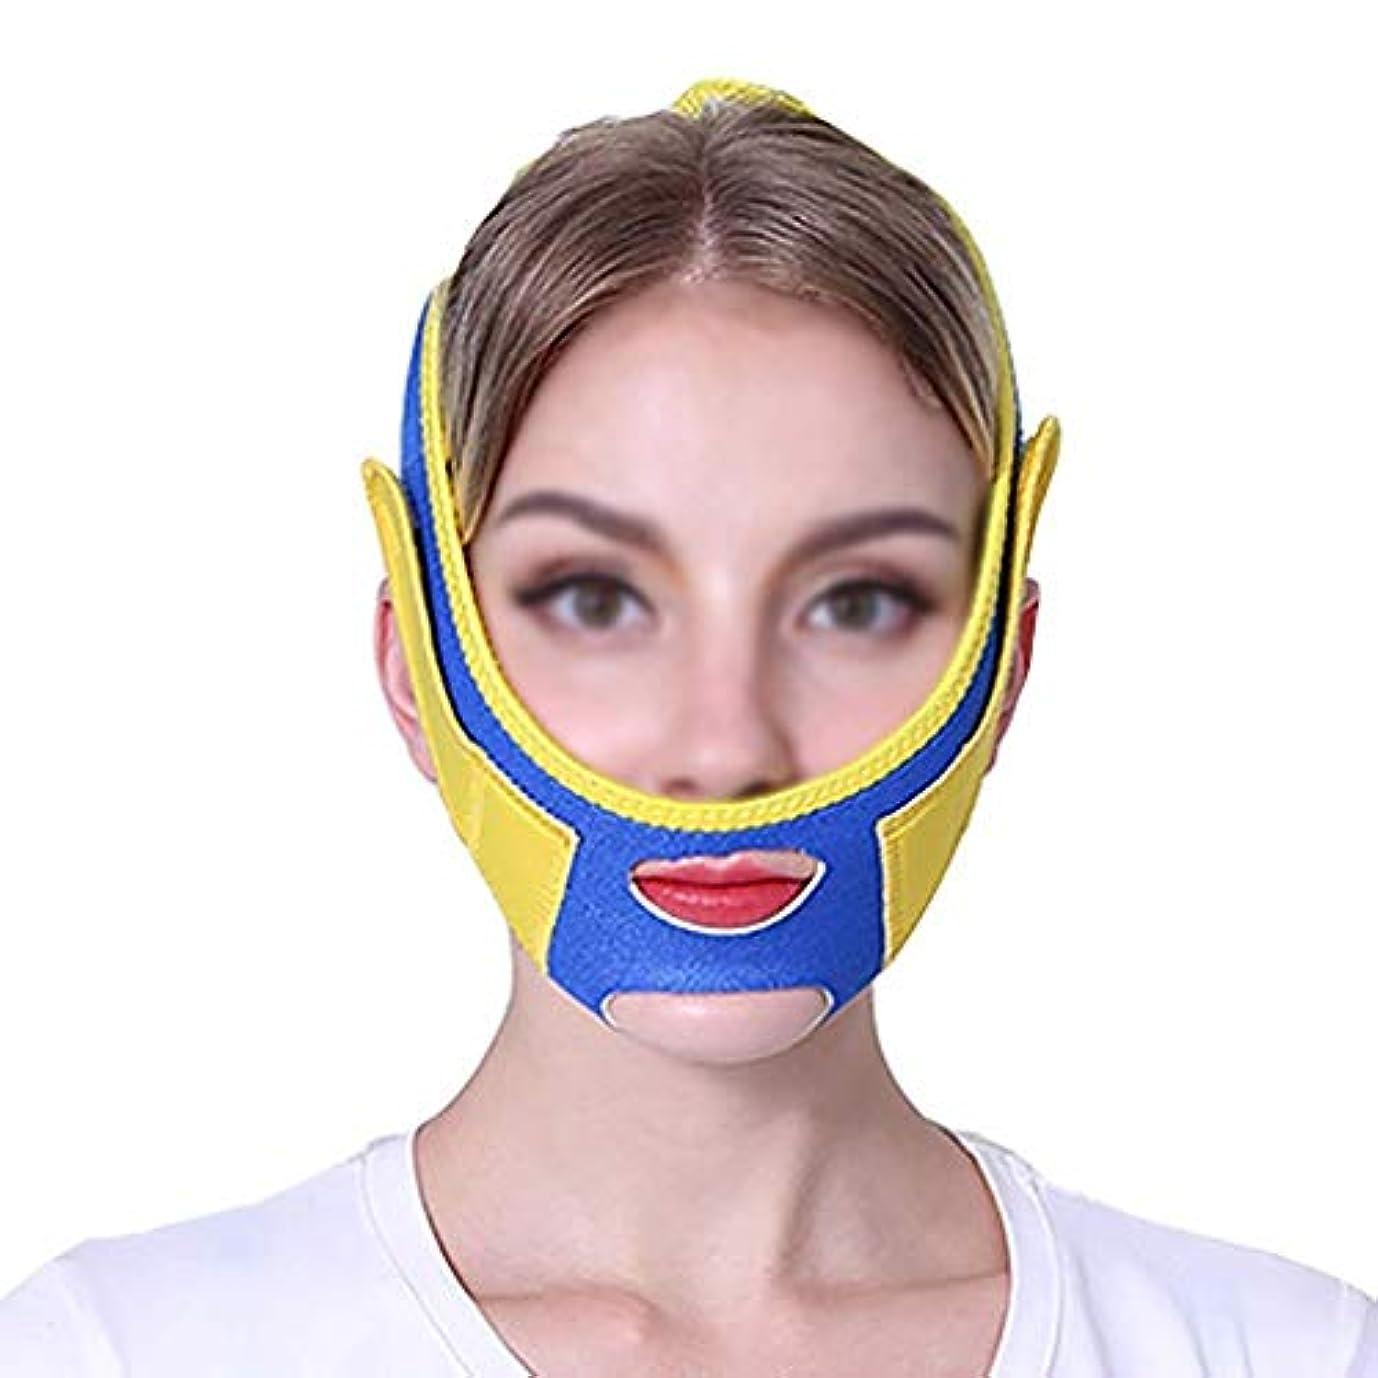 線形ビン異常なファーミングフェイスマスク、スモールVフェイスアーティファクトリフティングマスクフェイスリフティングフェイスメロンフェイスリフティングフェイスマスクファーミングクリームフェイスリフティングバンデージ